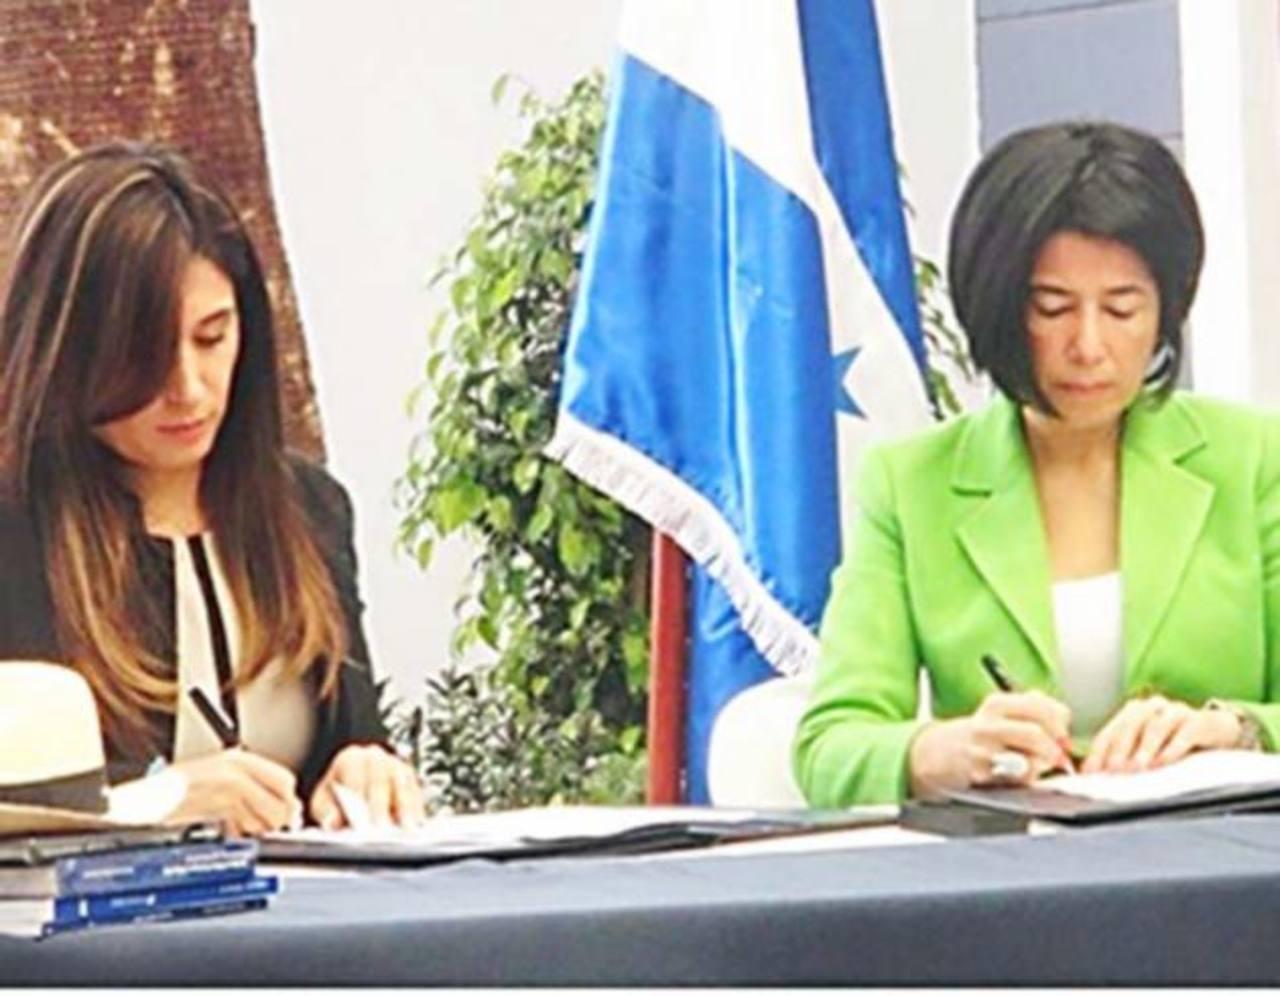 El acuerdo fue firmado por Miriam Guzmán, titular de la Dirección Ejecutiva de Ingresos (DEI) de Honduras y Ximena Amoroso, titular del Servicio de Rentas Internas del Ecuador.